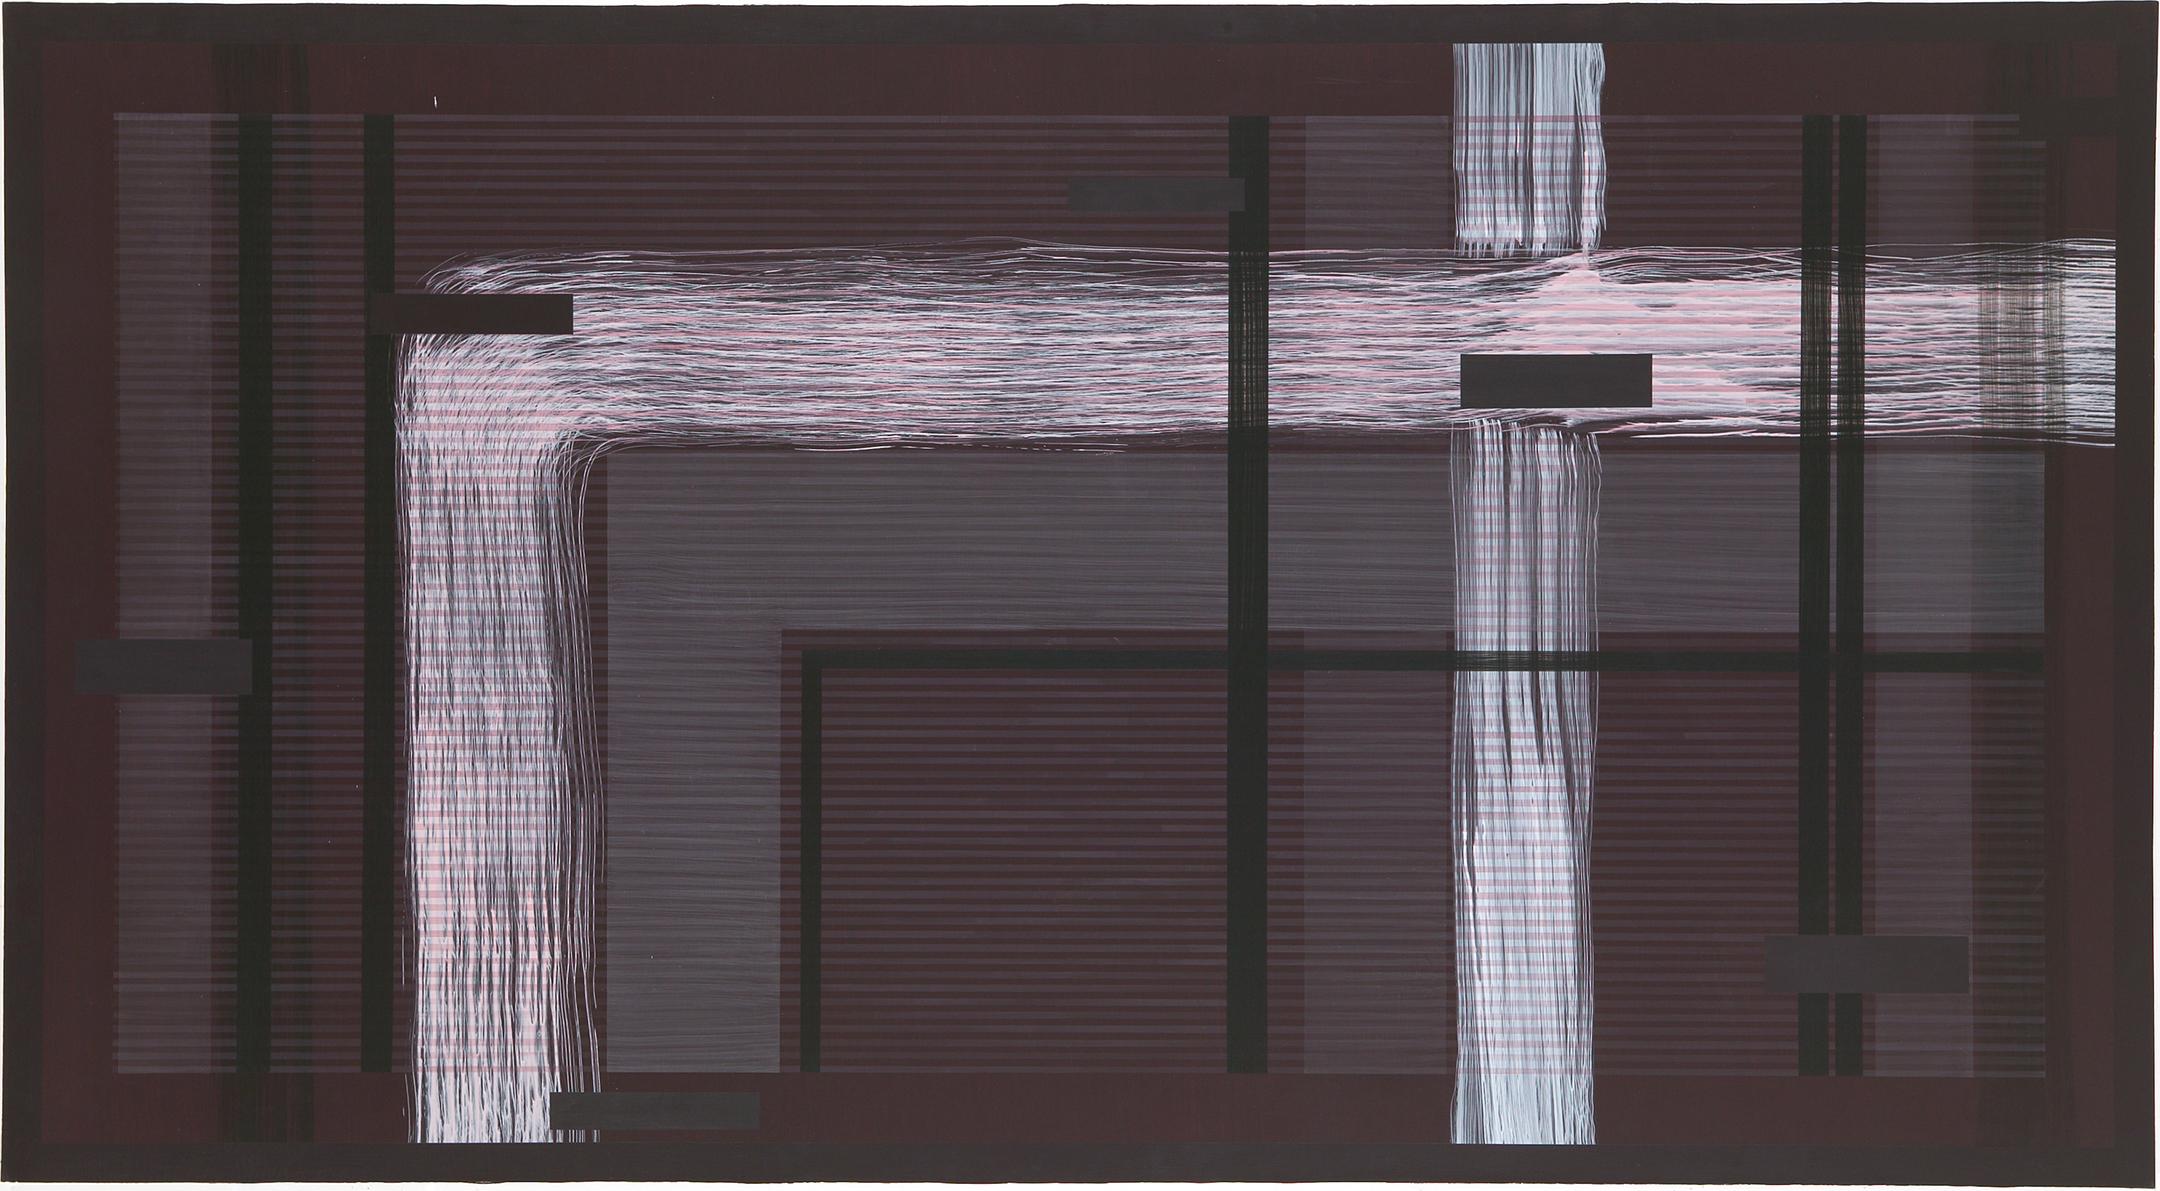 Framed, 2004, 50x80